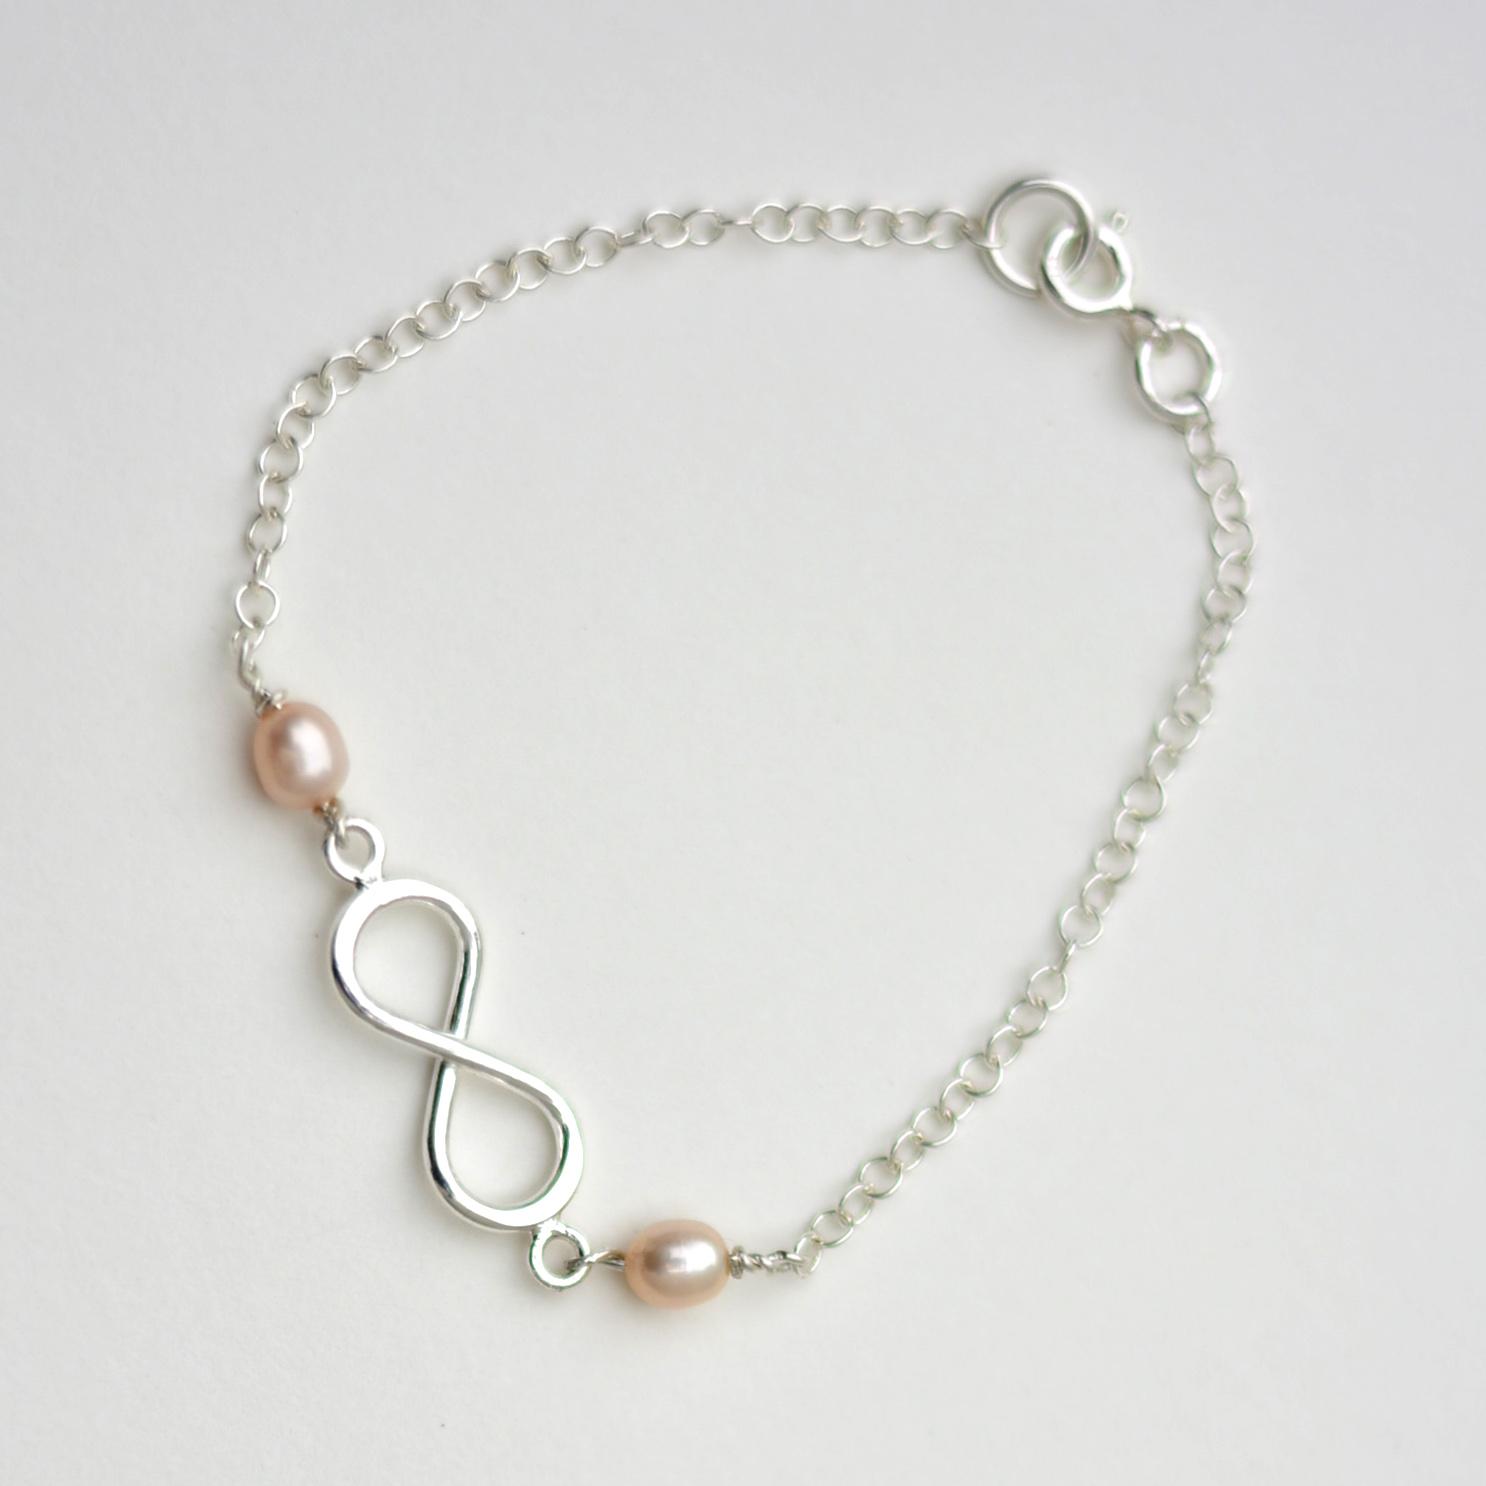 de6791c1b5a0 Pulsera Infinito con Perlas - Ornamento